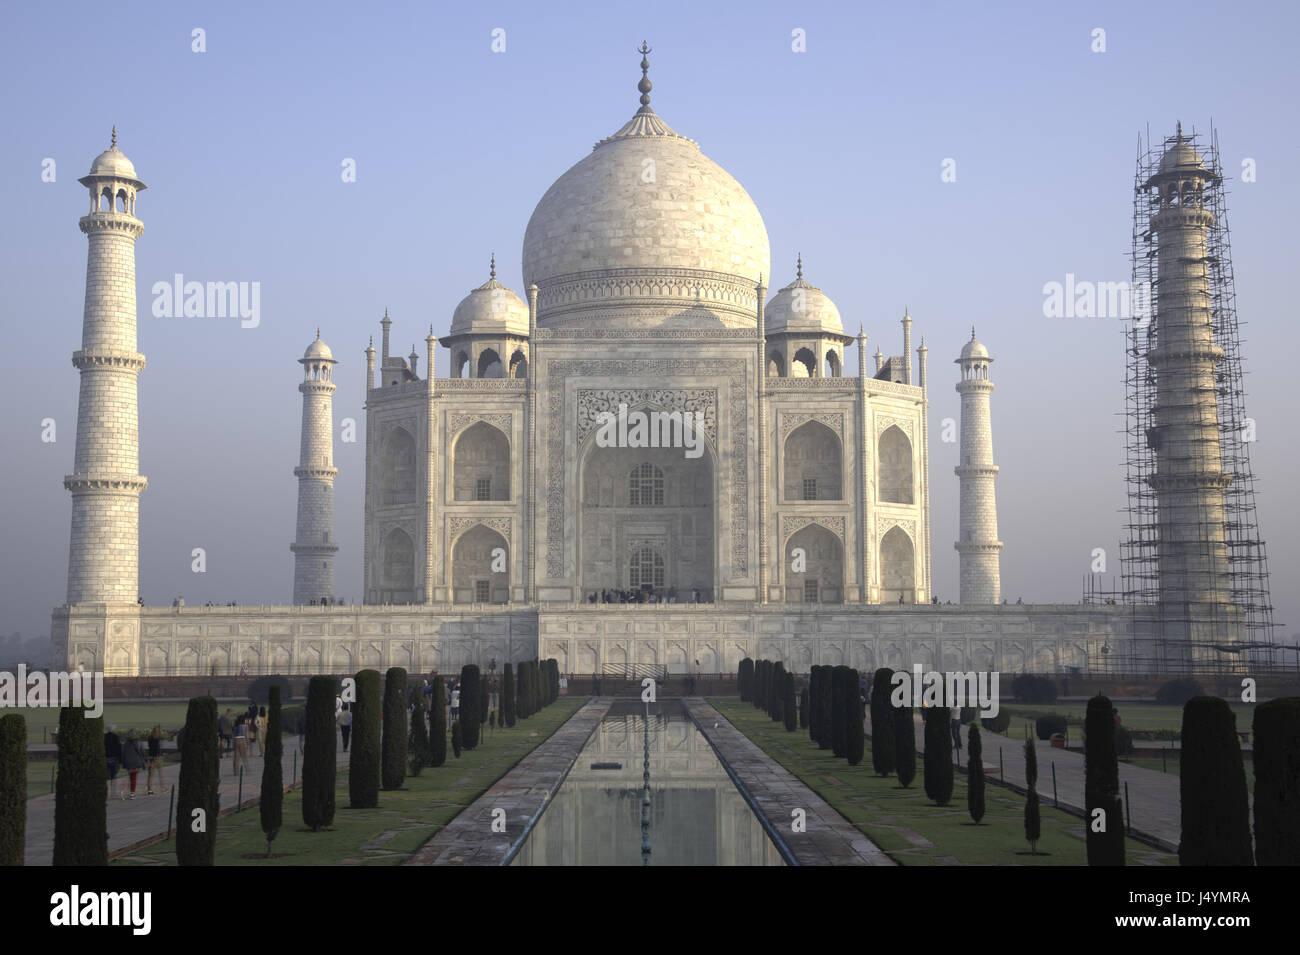 Vista del Taj Mahal en Agra, India, construcción Imagen De Stock